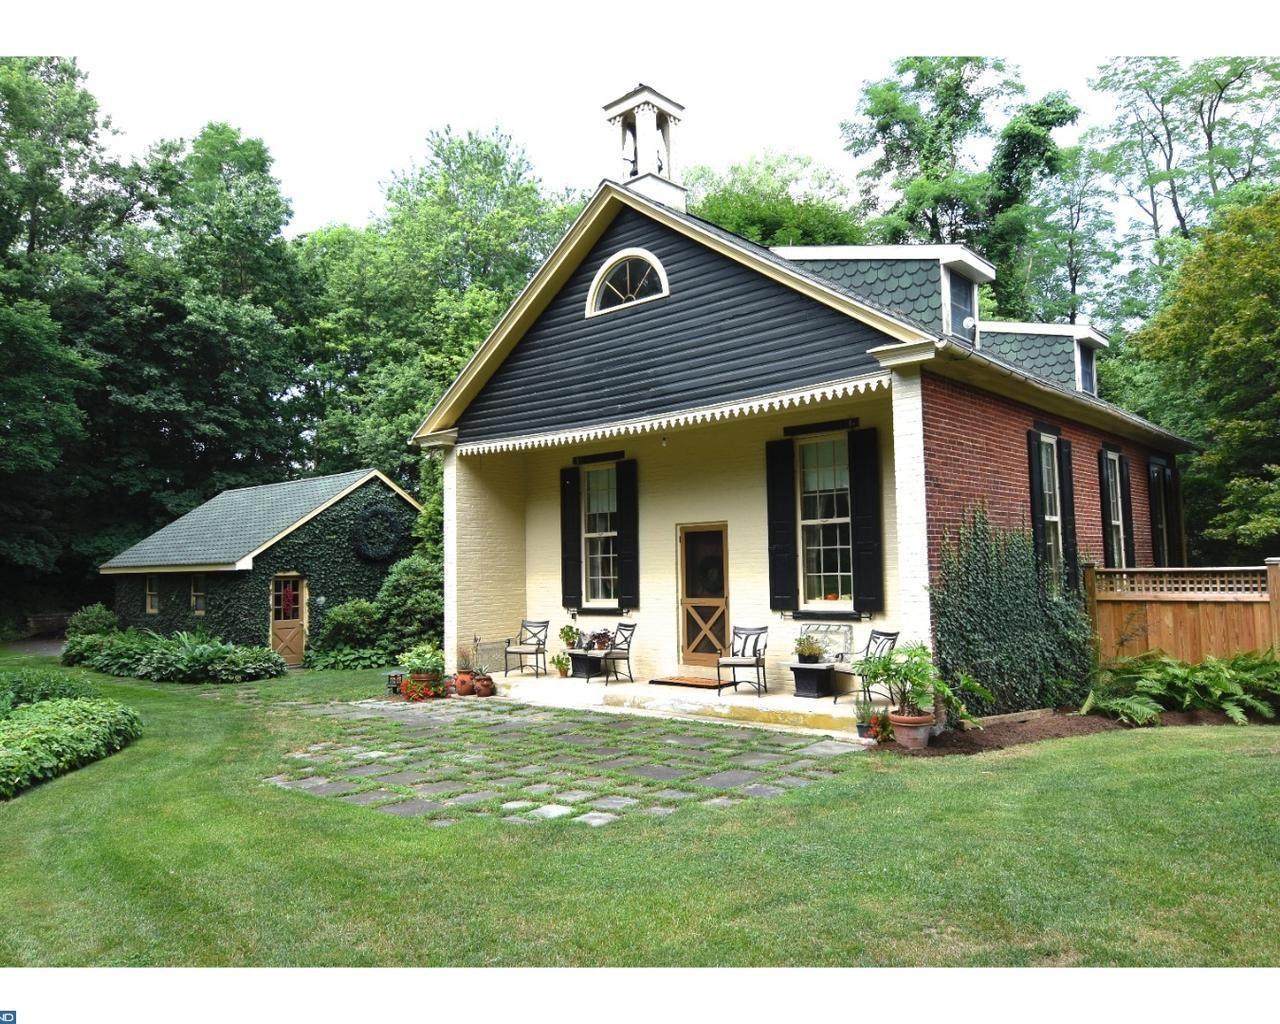 3cc200d6d8b58da590734c03e7633b1e - Better Homes And Gardens Real Estate Pa